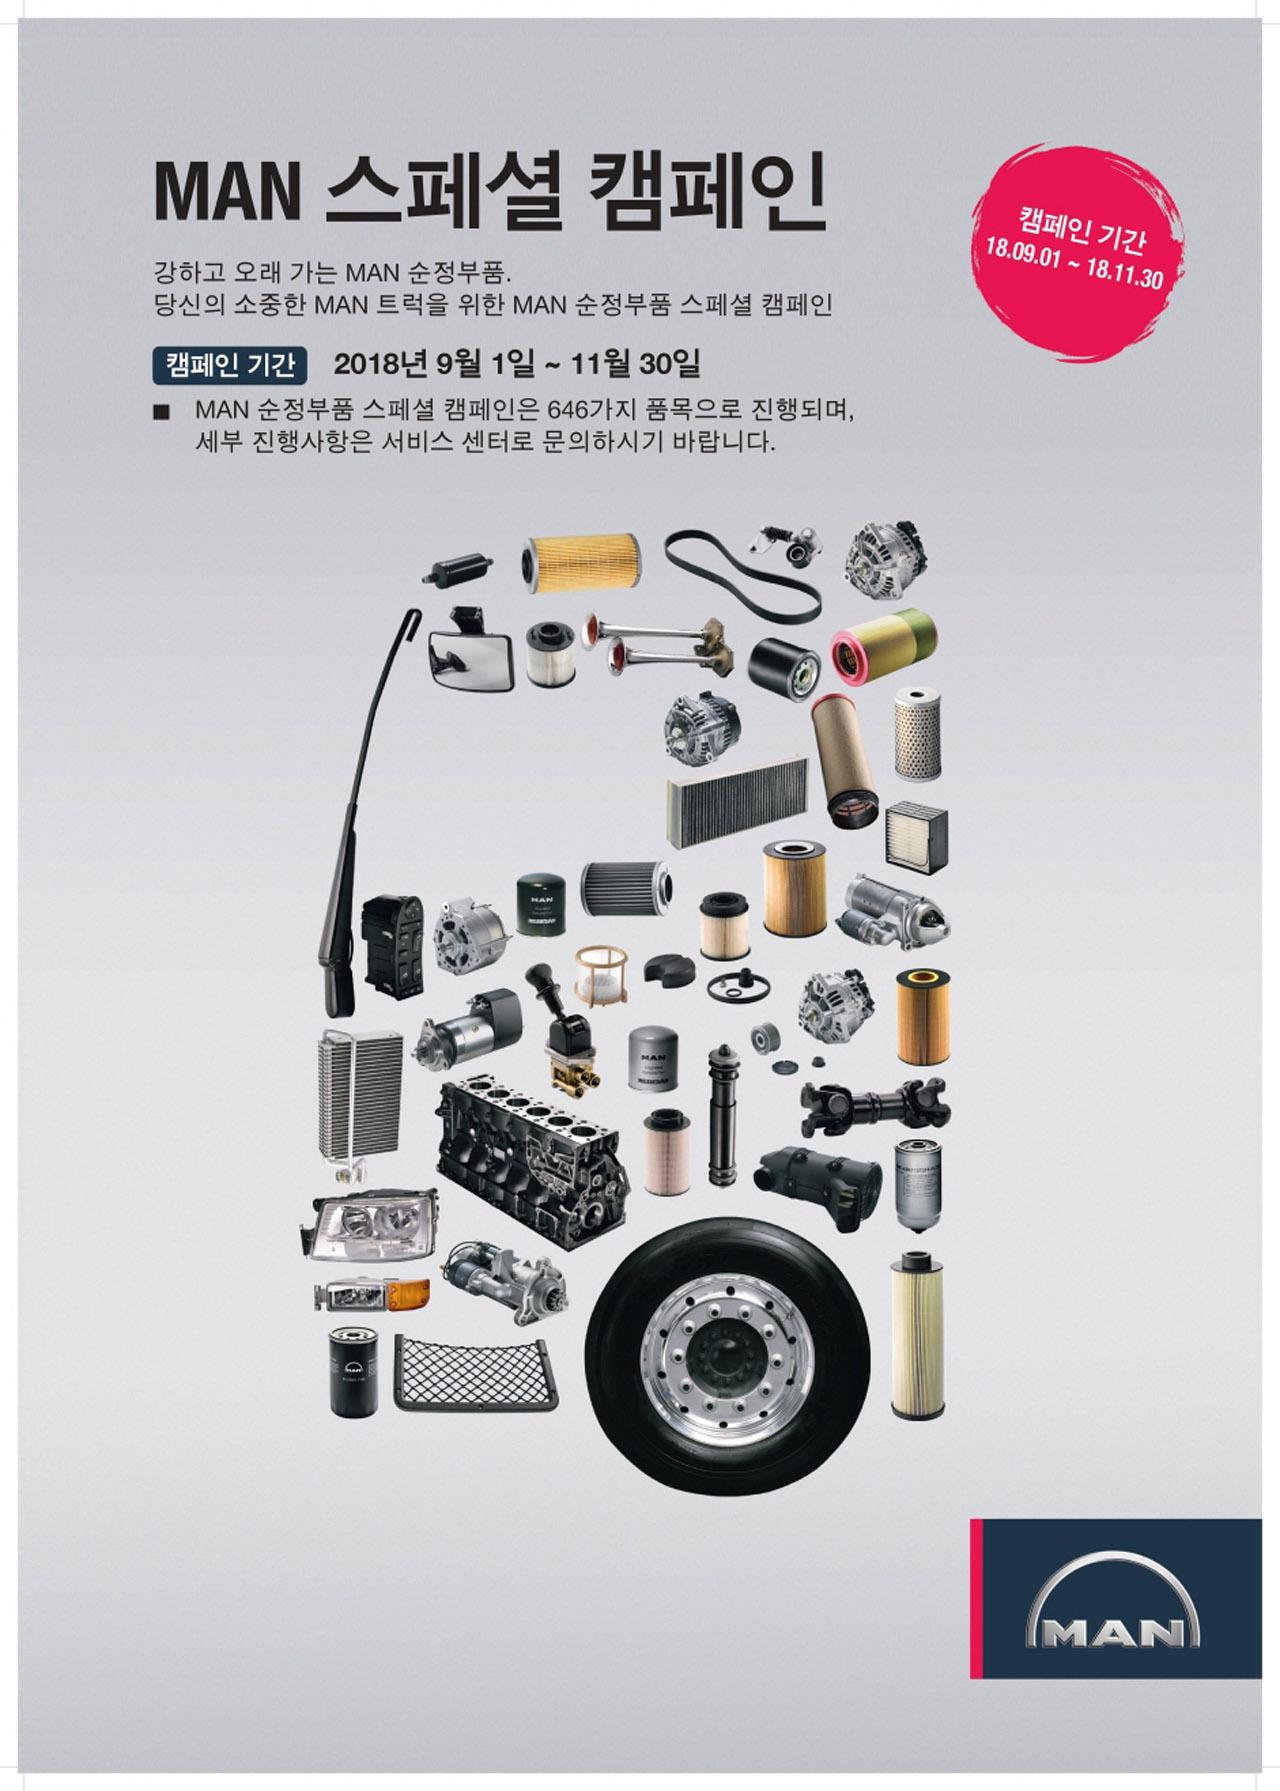 20180831_MAN 순정부품 스페셜 캠페인